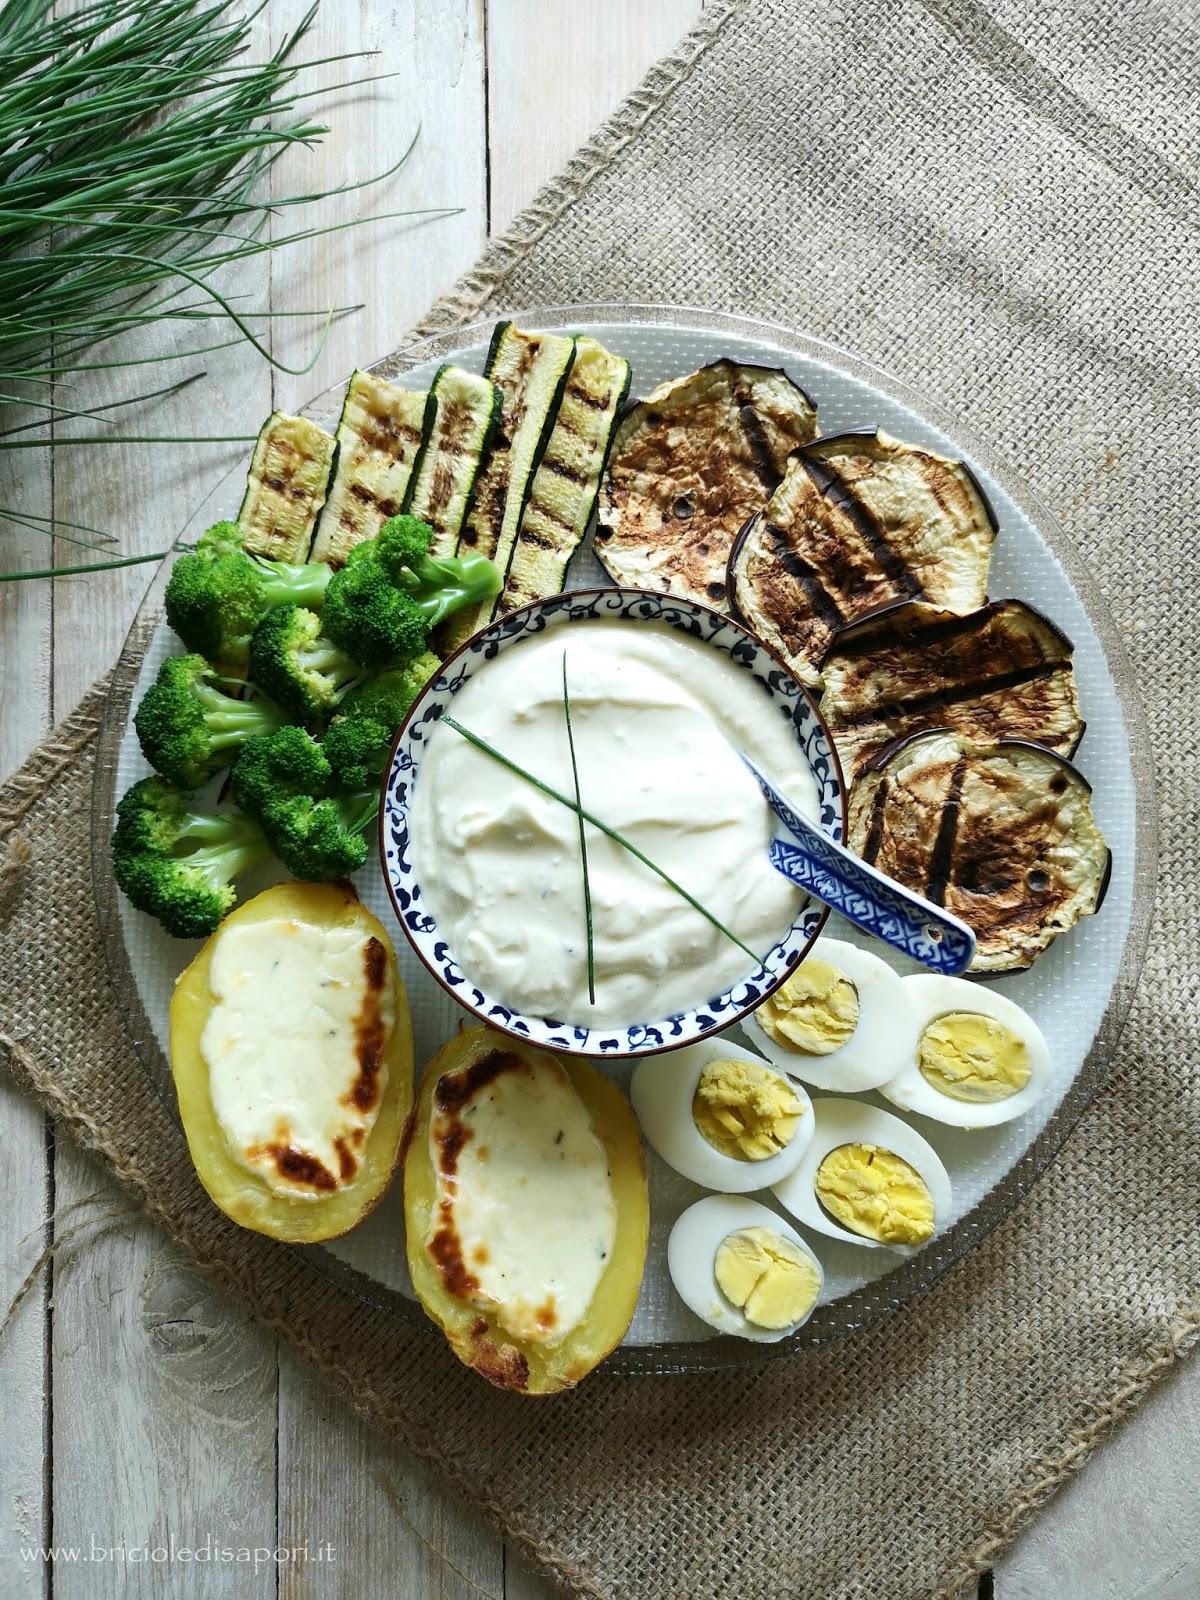 piatto vegetariano di verdure miste e patate al forno con crema di crescenza